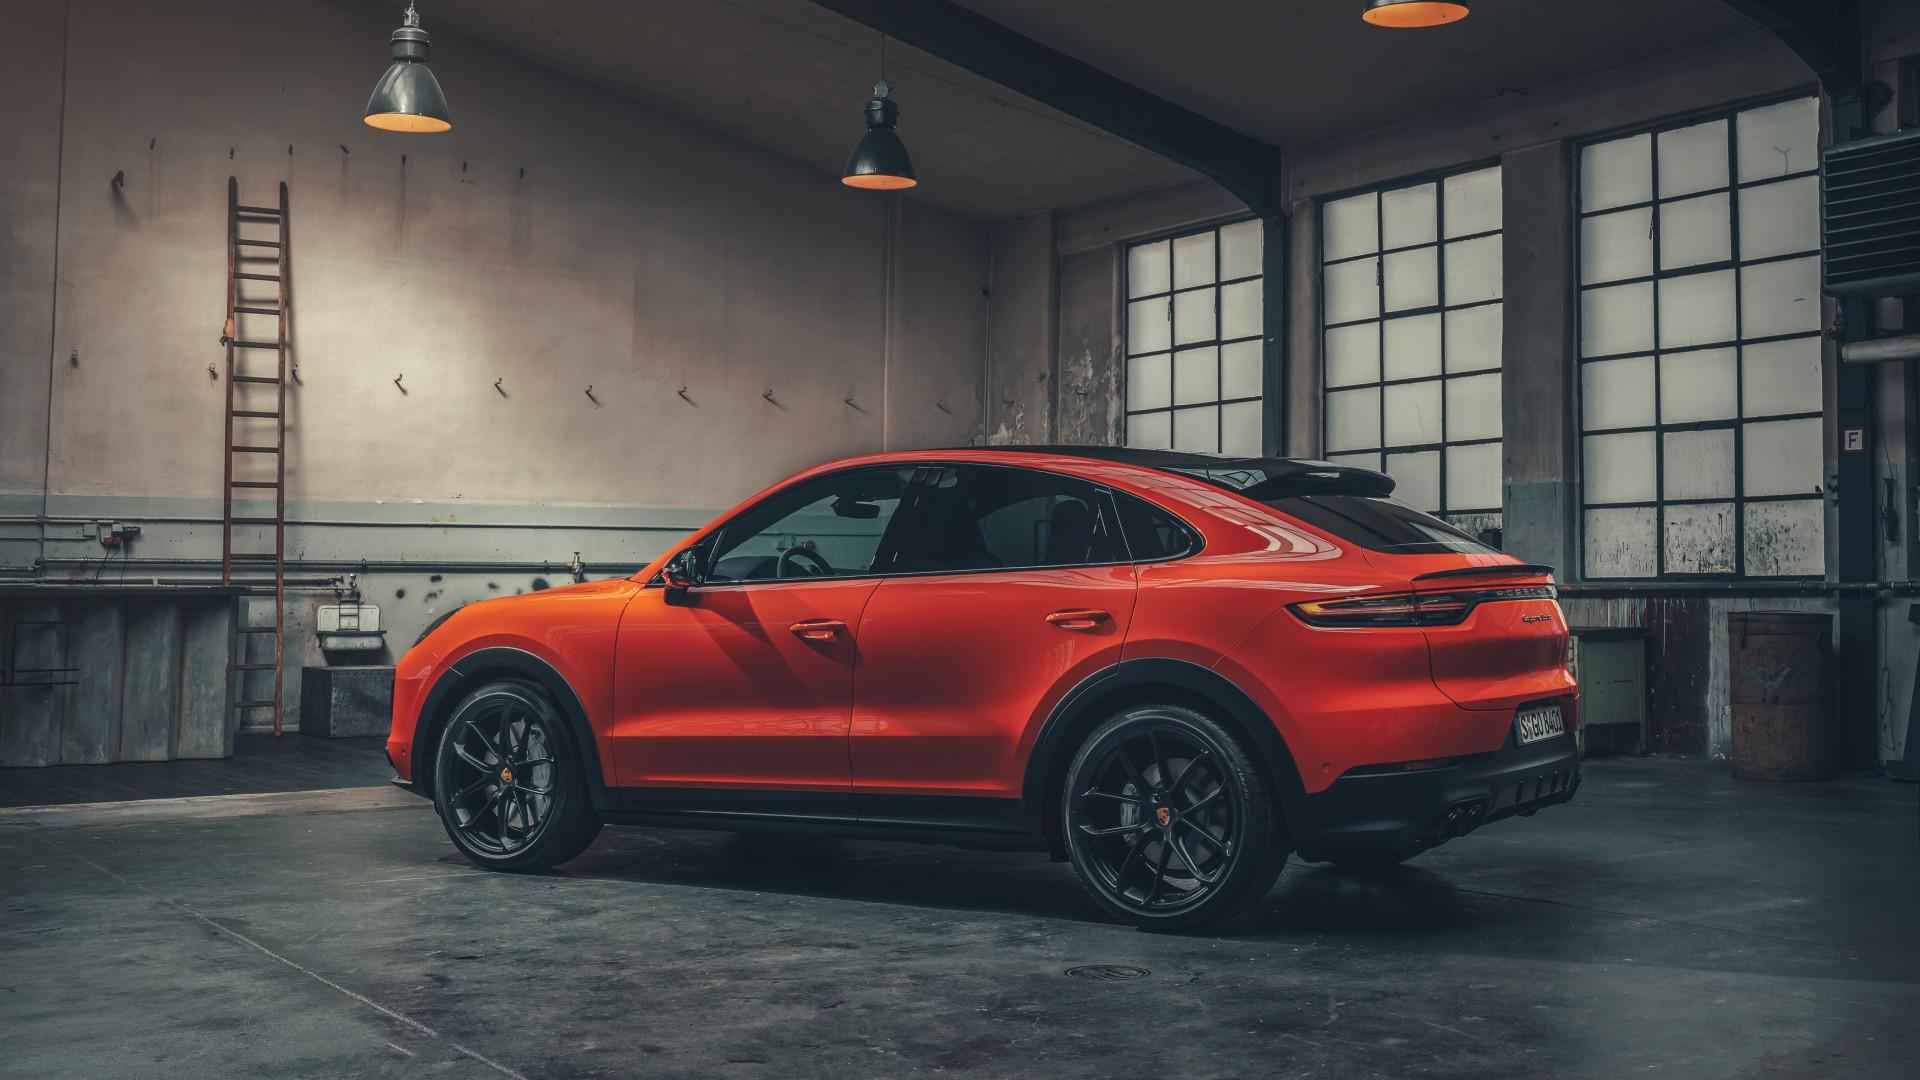 Black Car Hd Wallpaper Download Porsche Cayenne Turbo Coupe 2019 4k 2 Wallpaper Hd Car